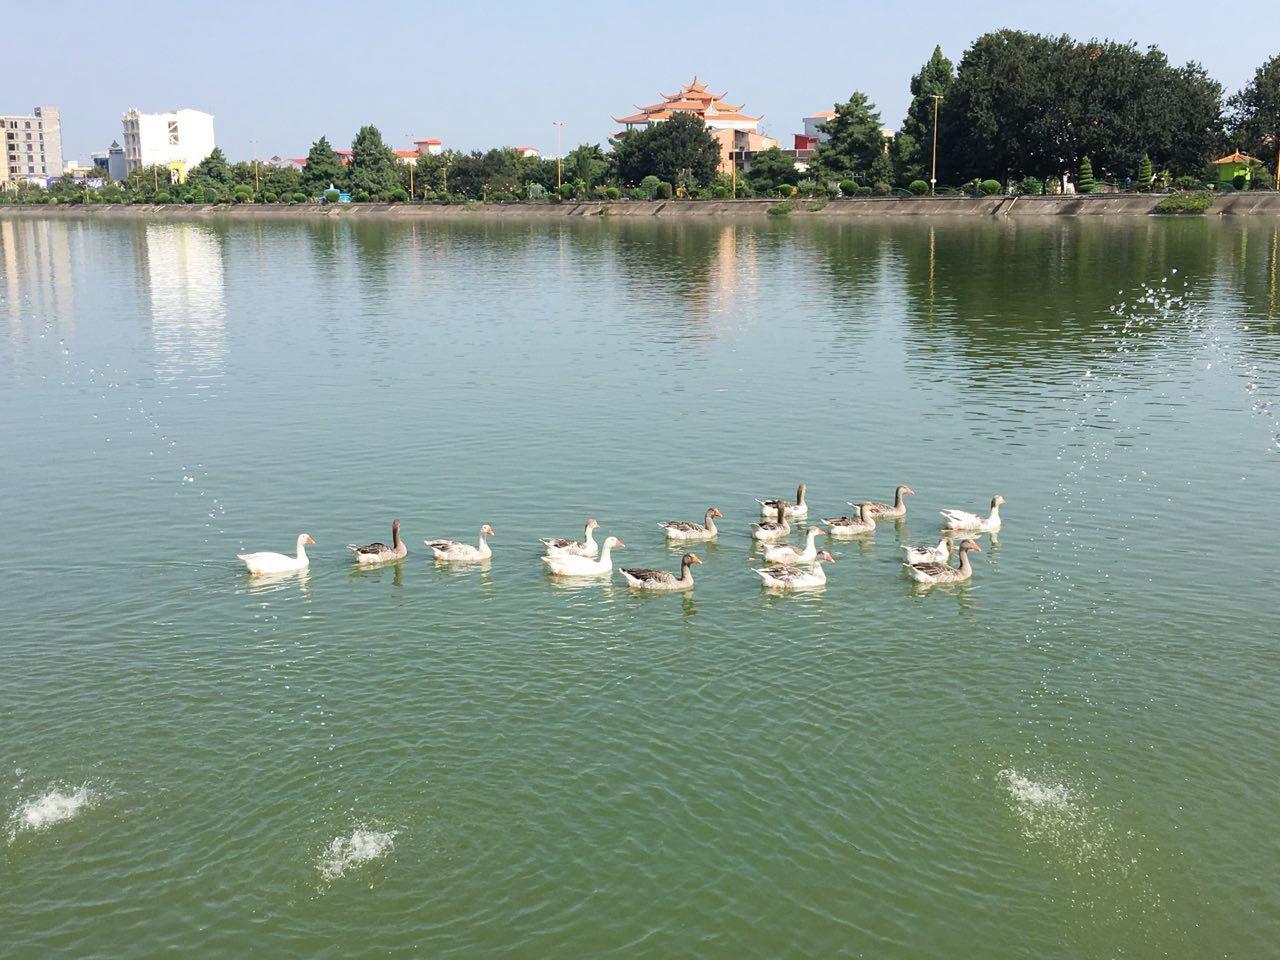 عکس روز: آبهای آرامش، مرغابیها، نور و آفتاب